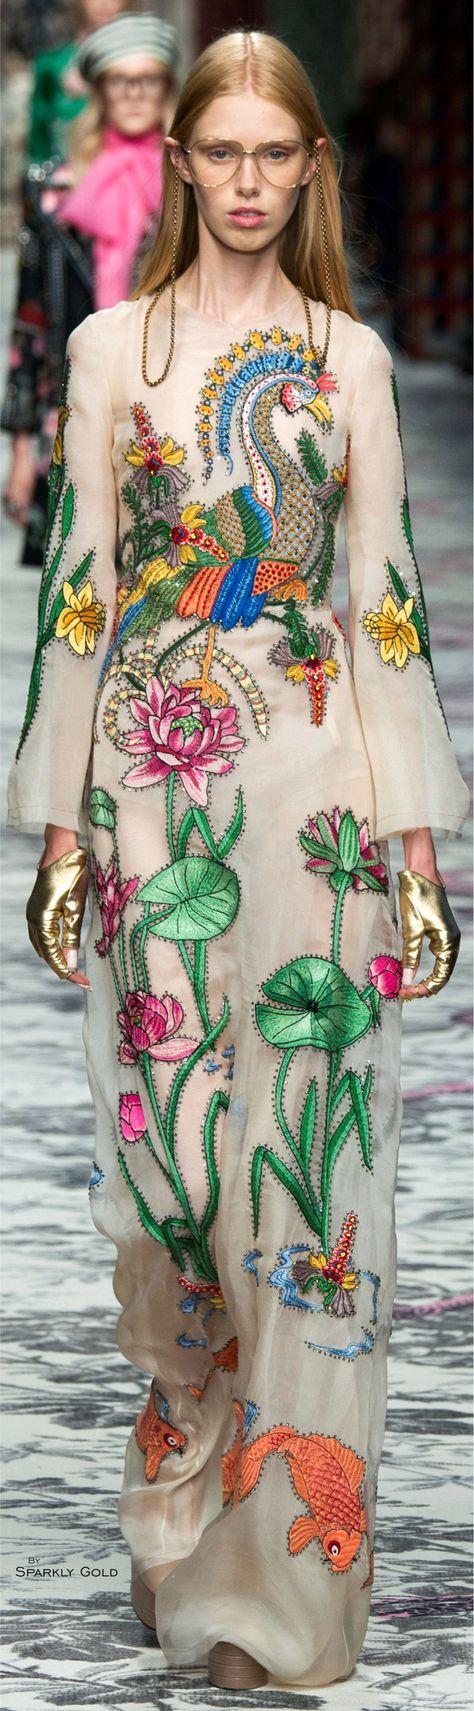 Look invitadas/Gucci Spring 2016/#ibelieveinpink